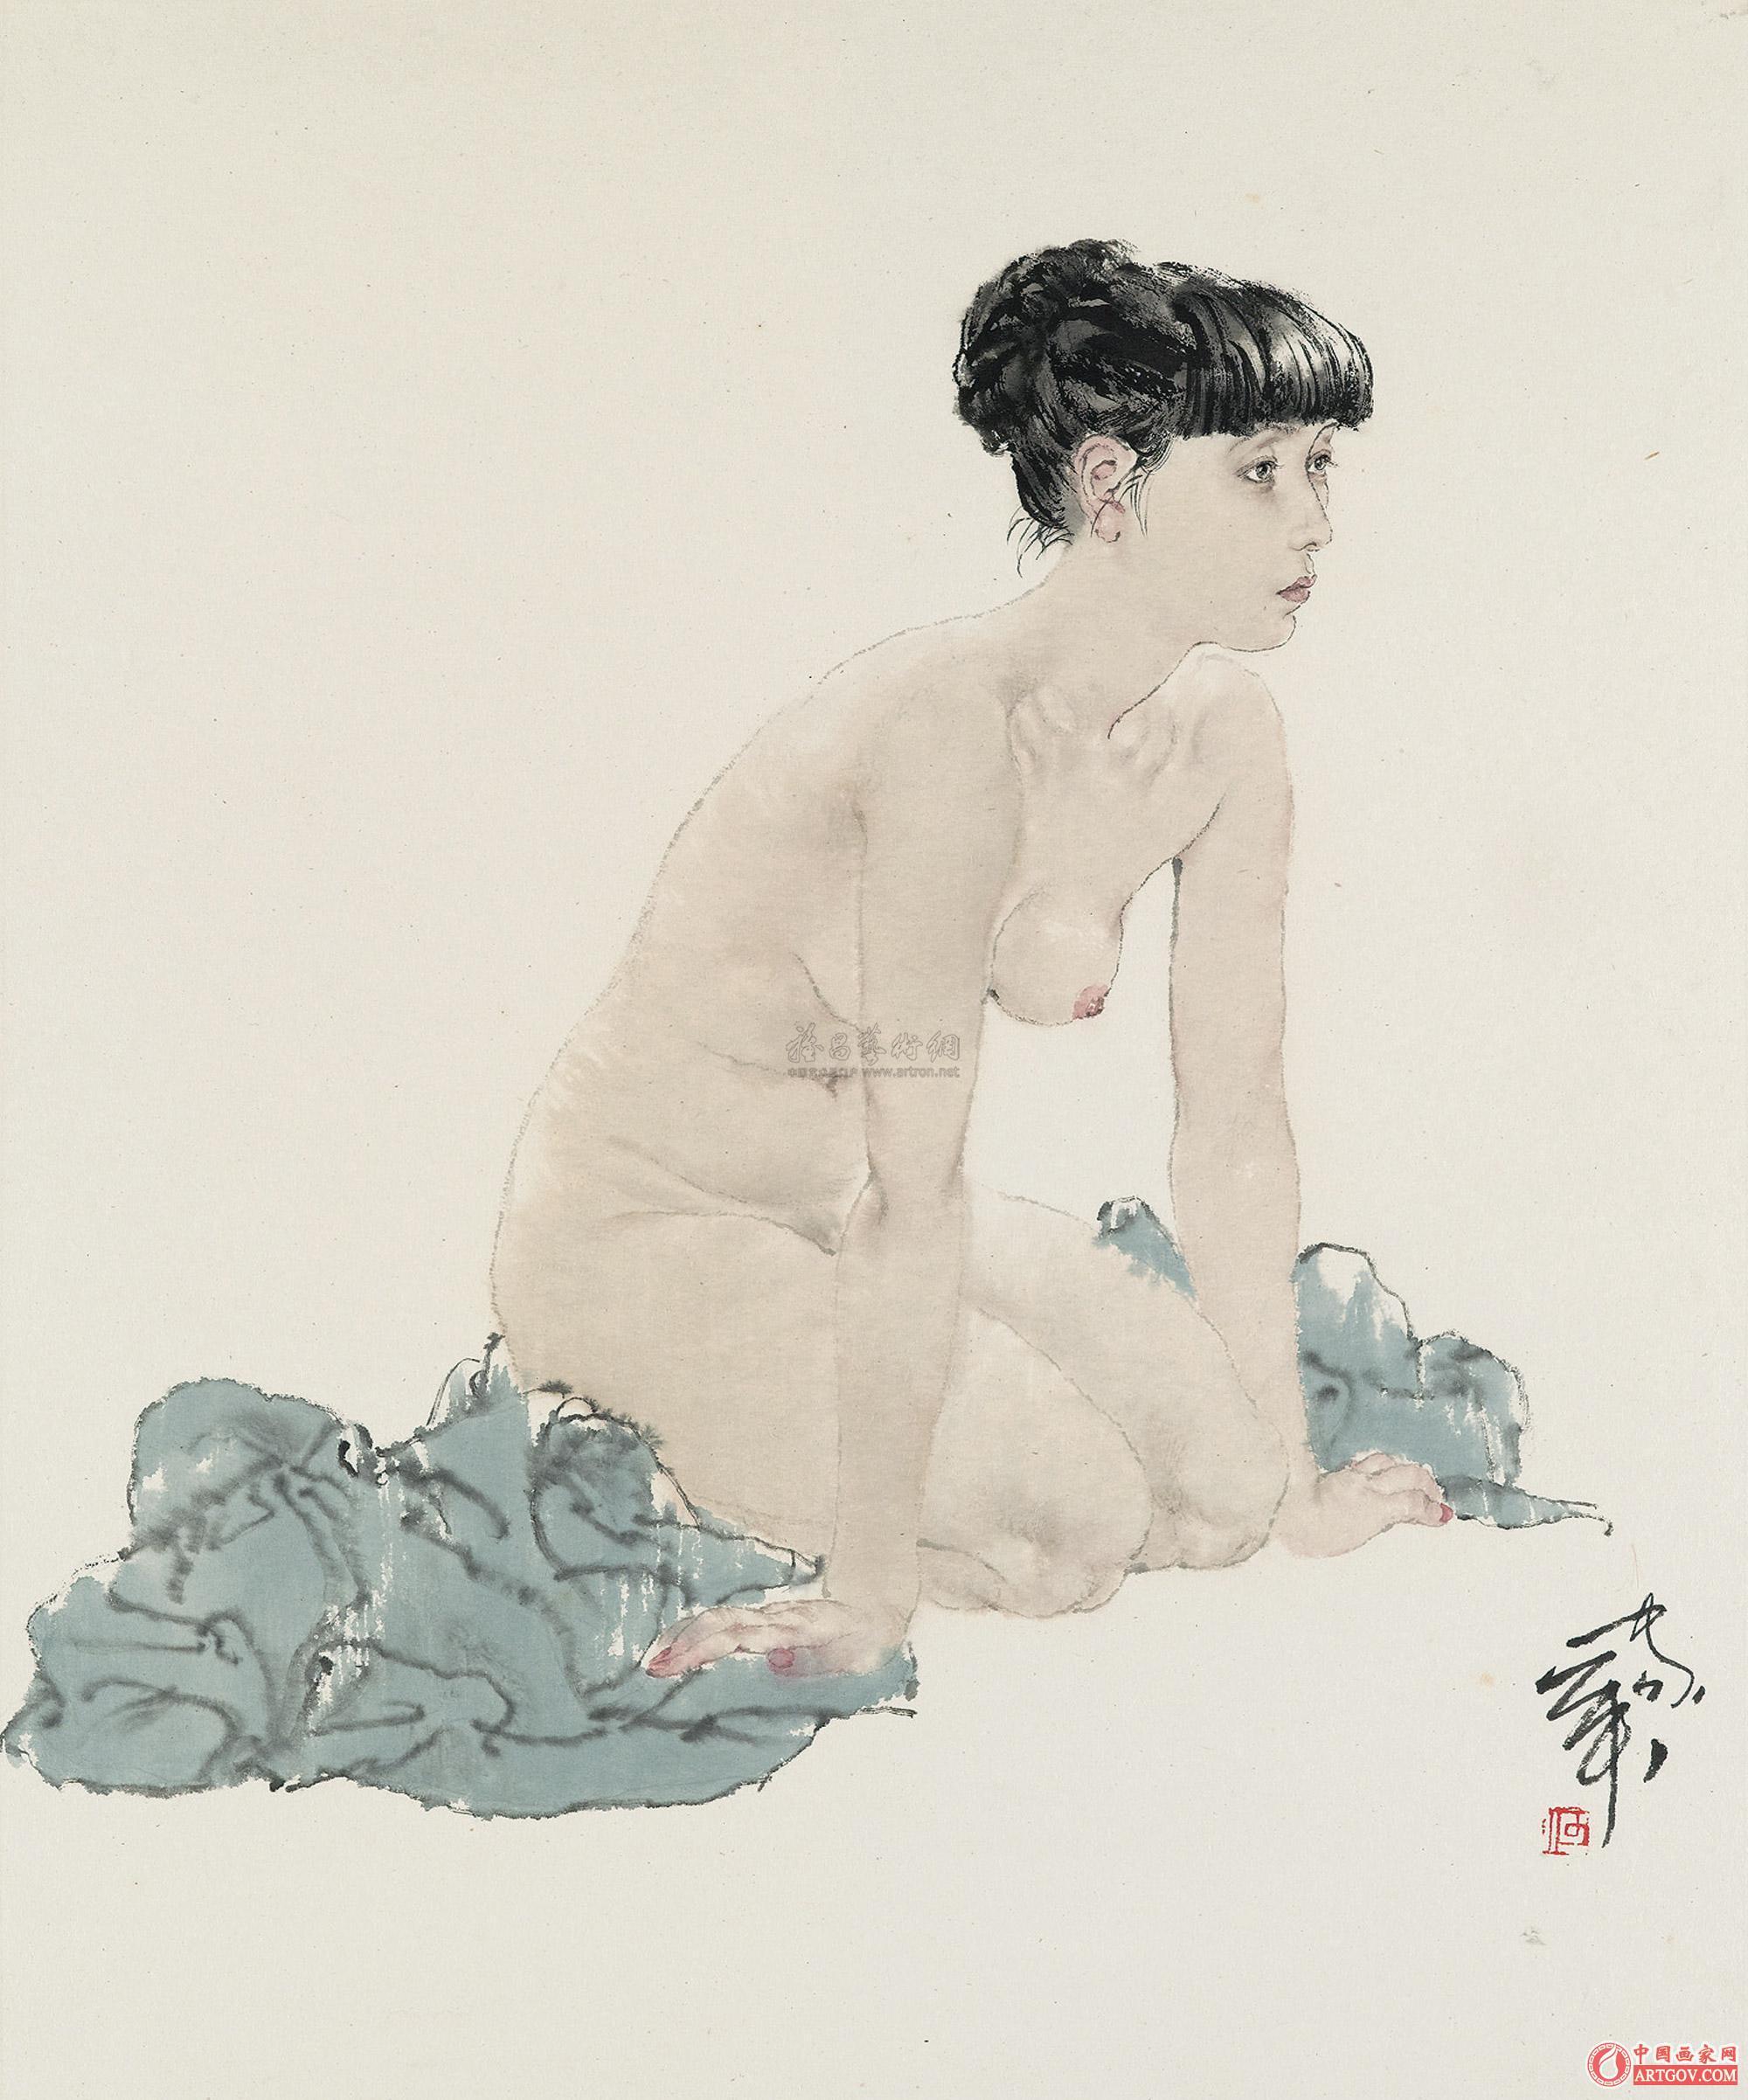 何家英画展将于17日在海南省博物馆展出